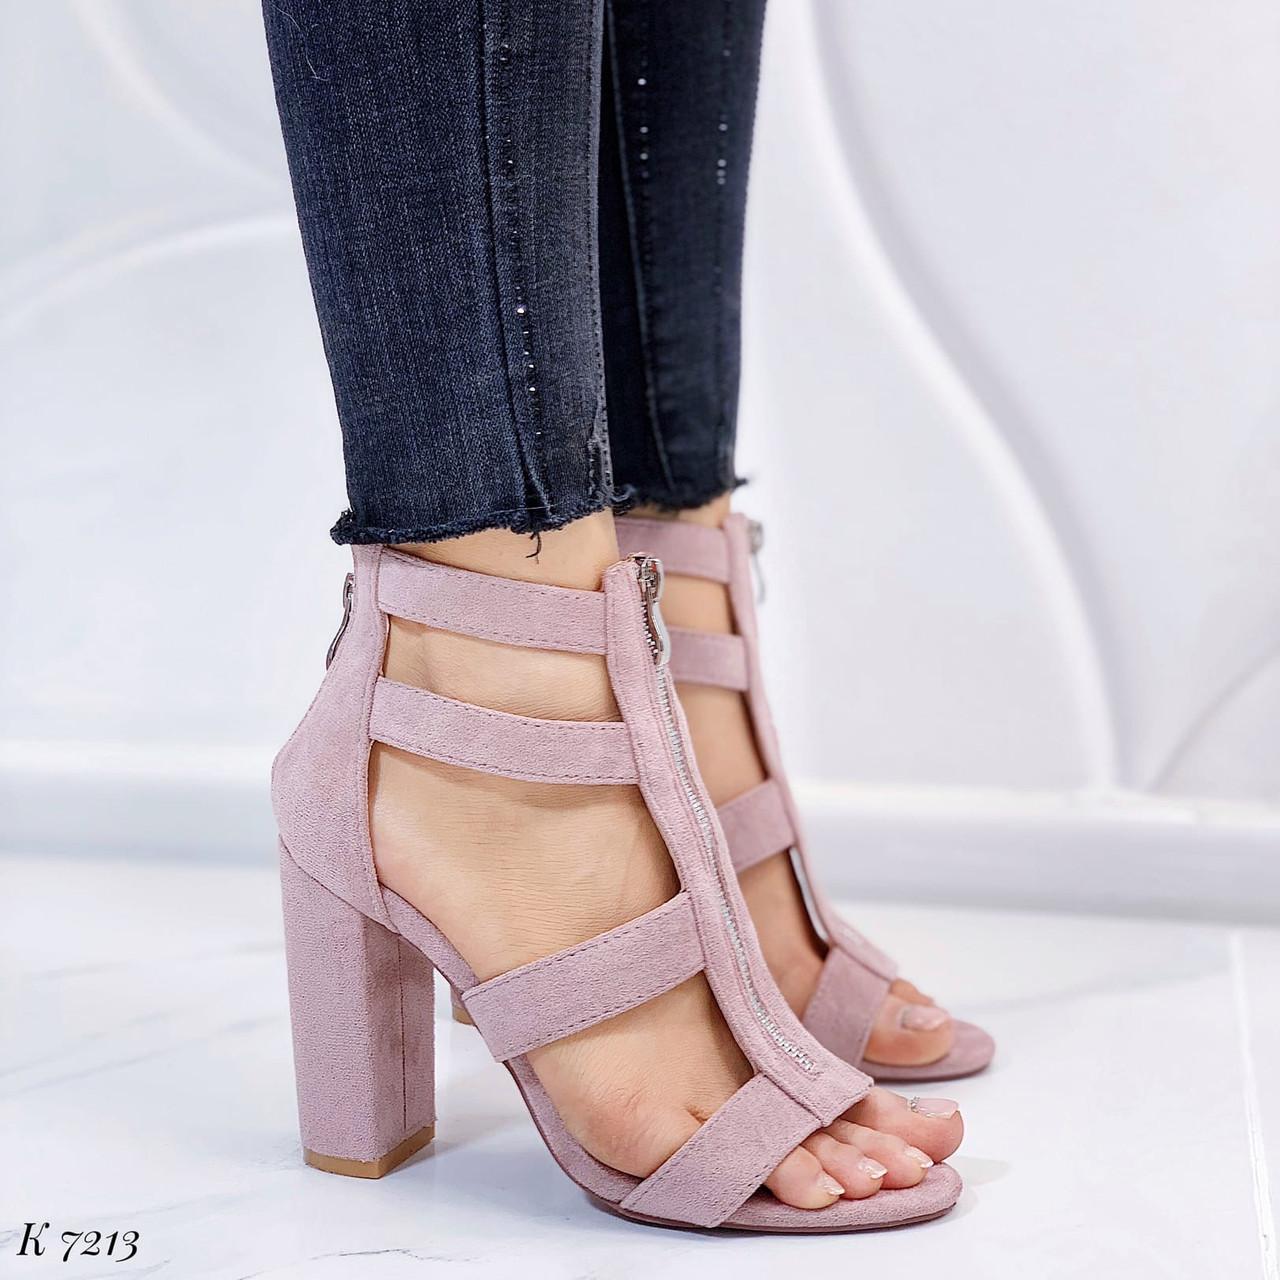 Женские босоножки розовые/ пудровые на каблуке 10 см эко-замш